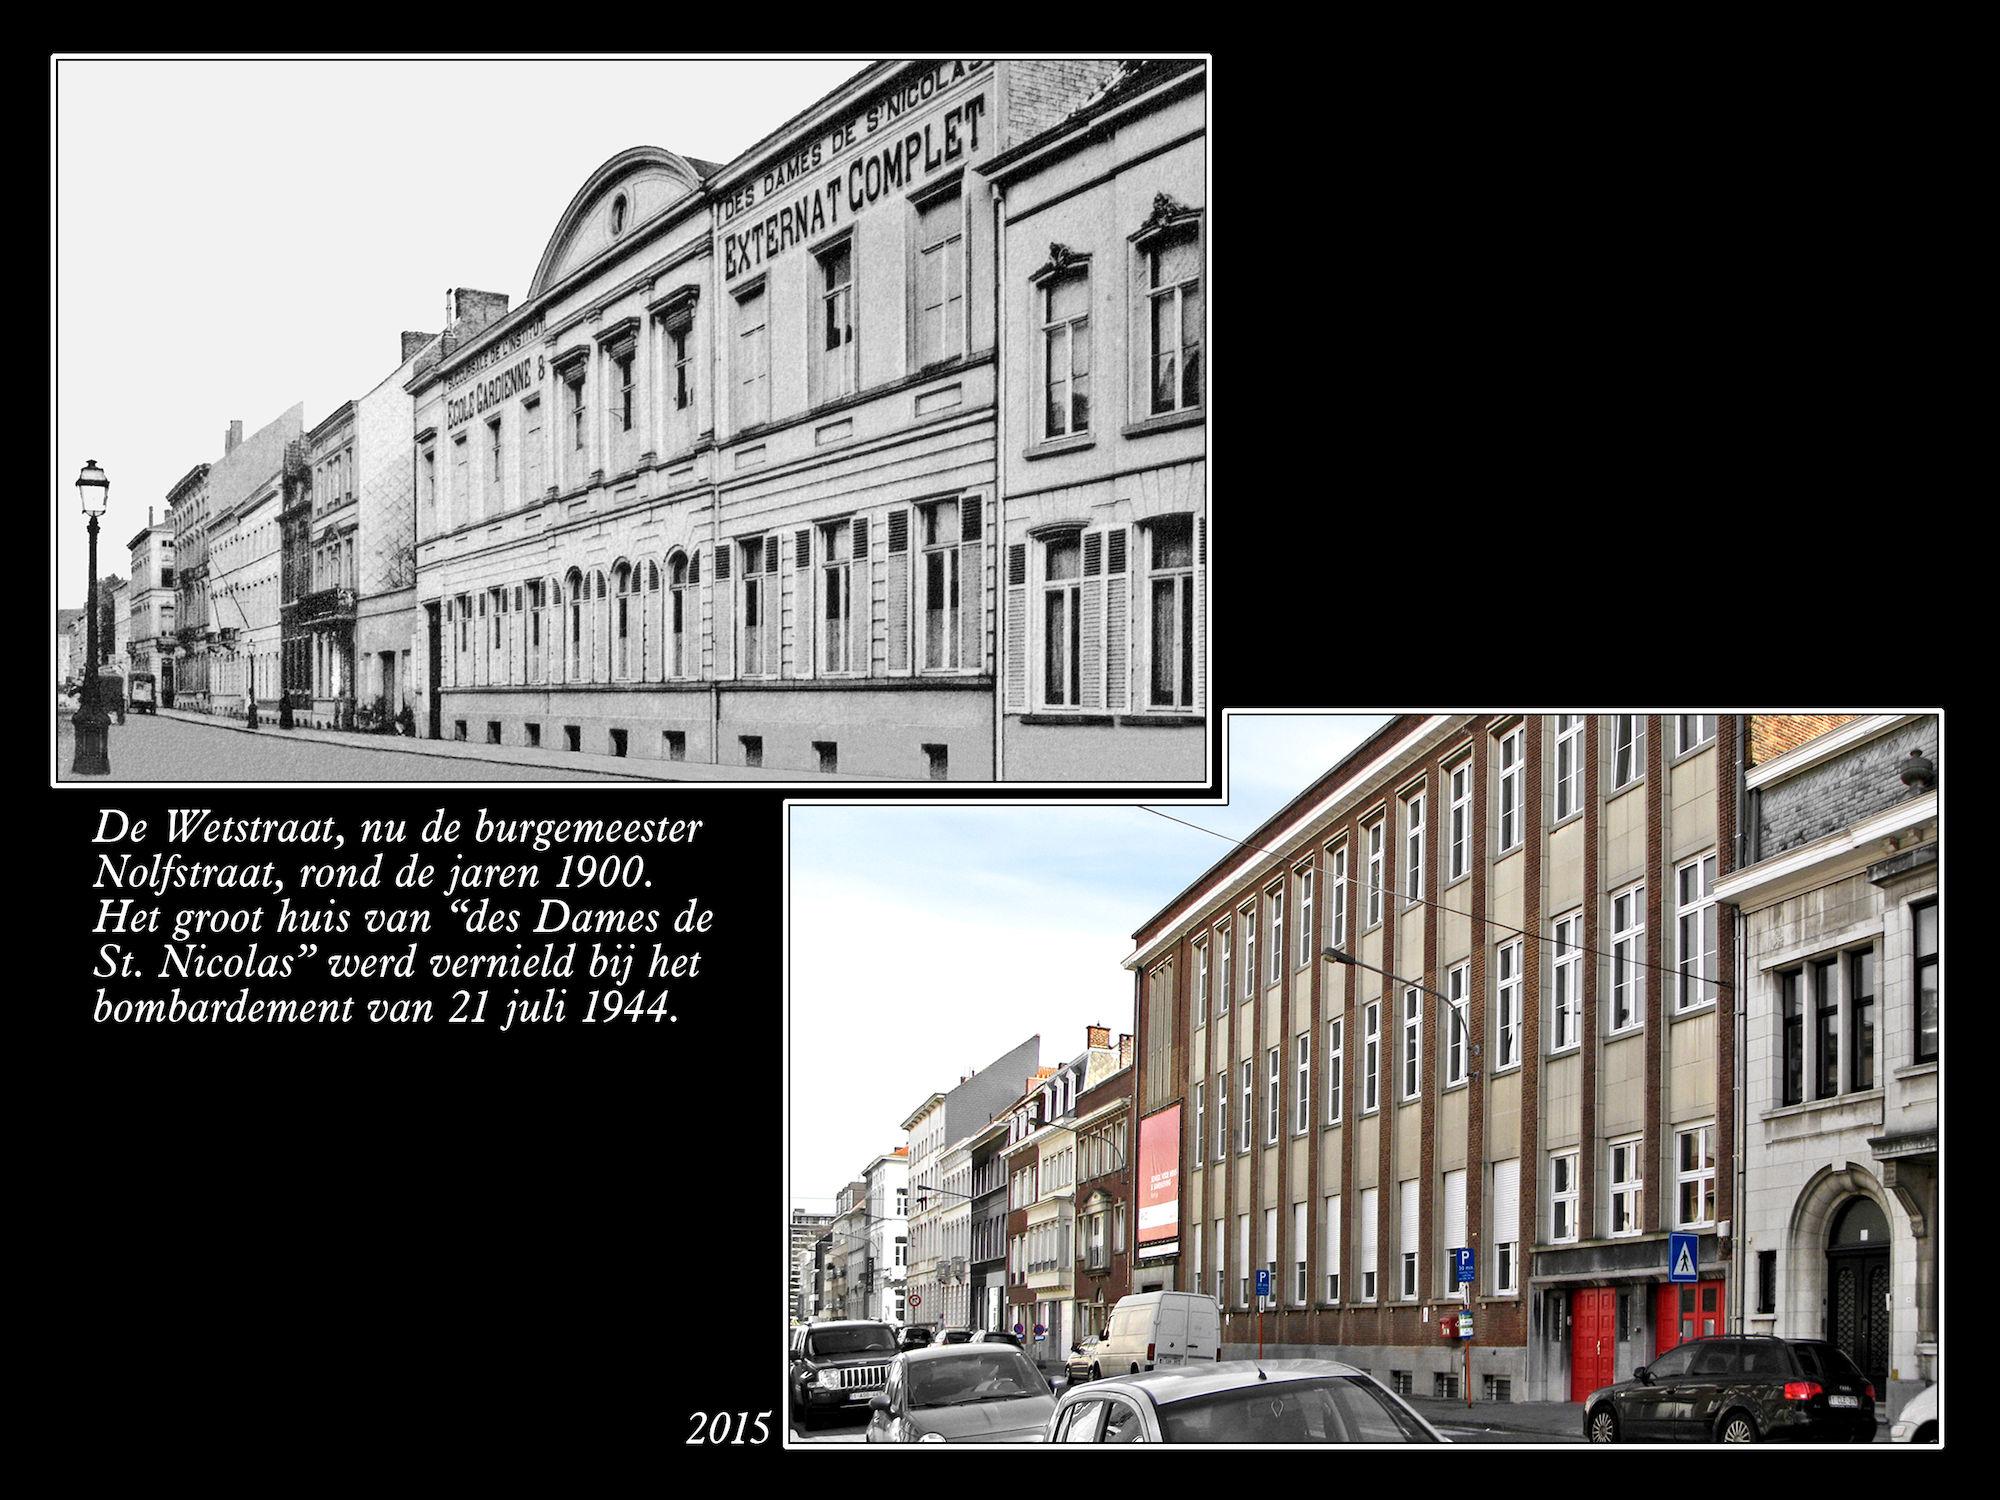 Burgemeester Nolfstraat ca 1900 en 2015